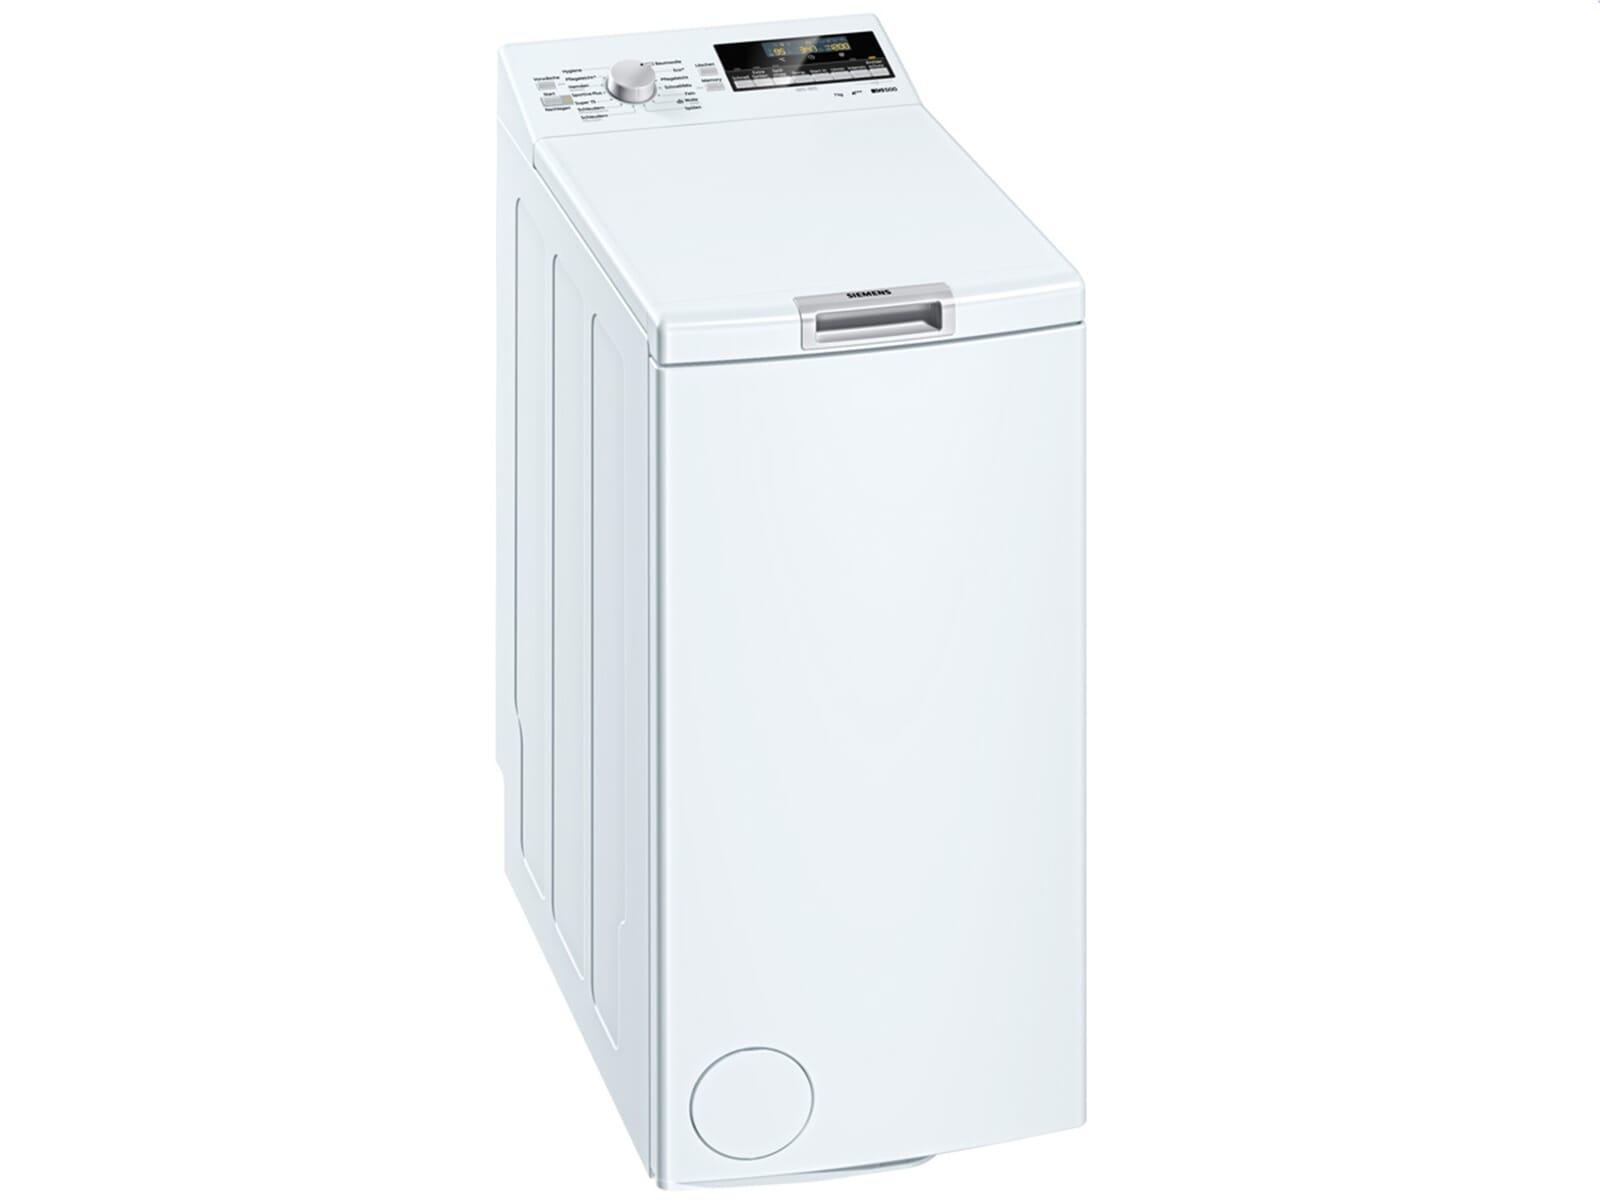 Siemens wp t waschmaschine weiß